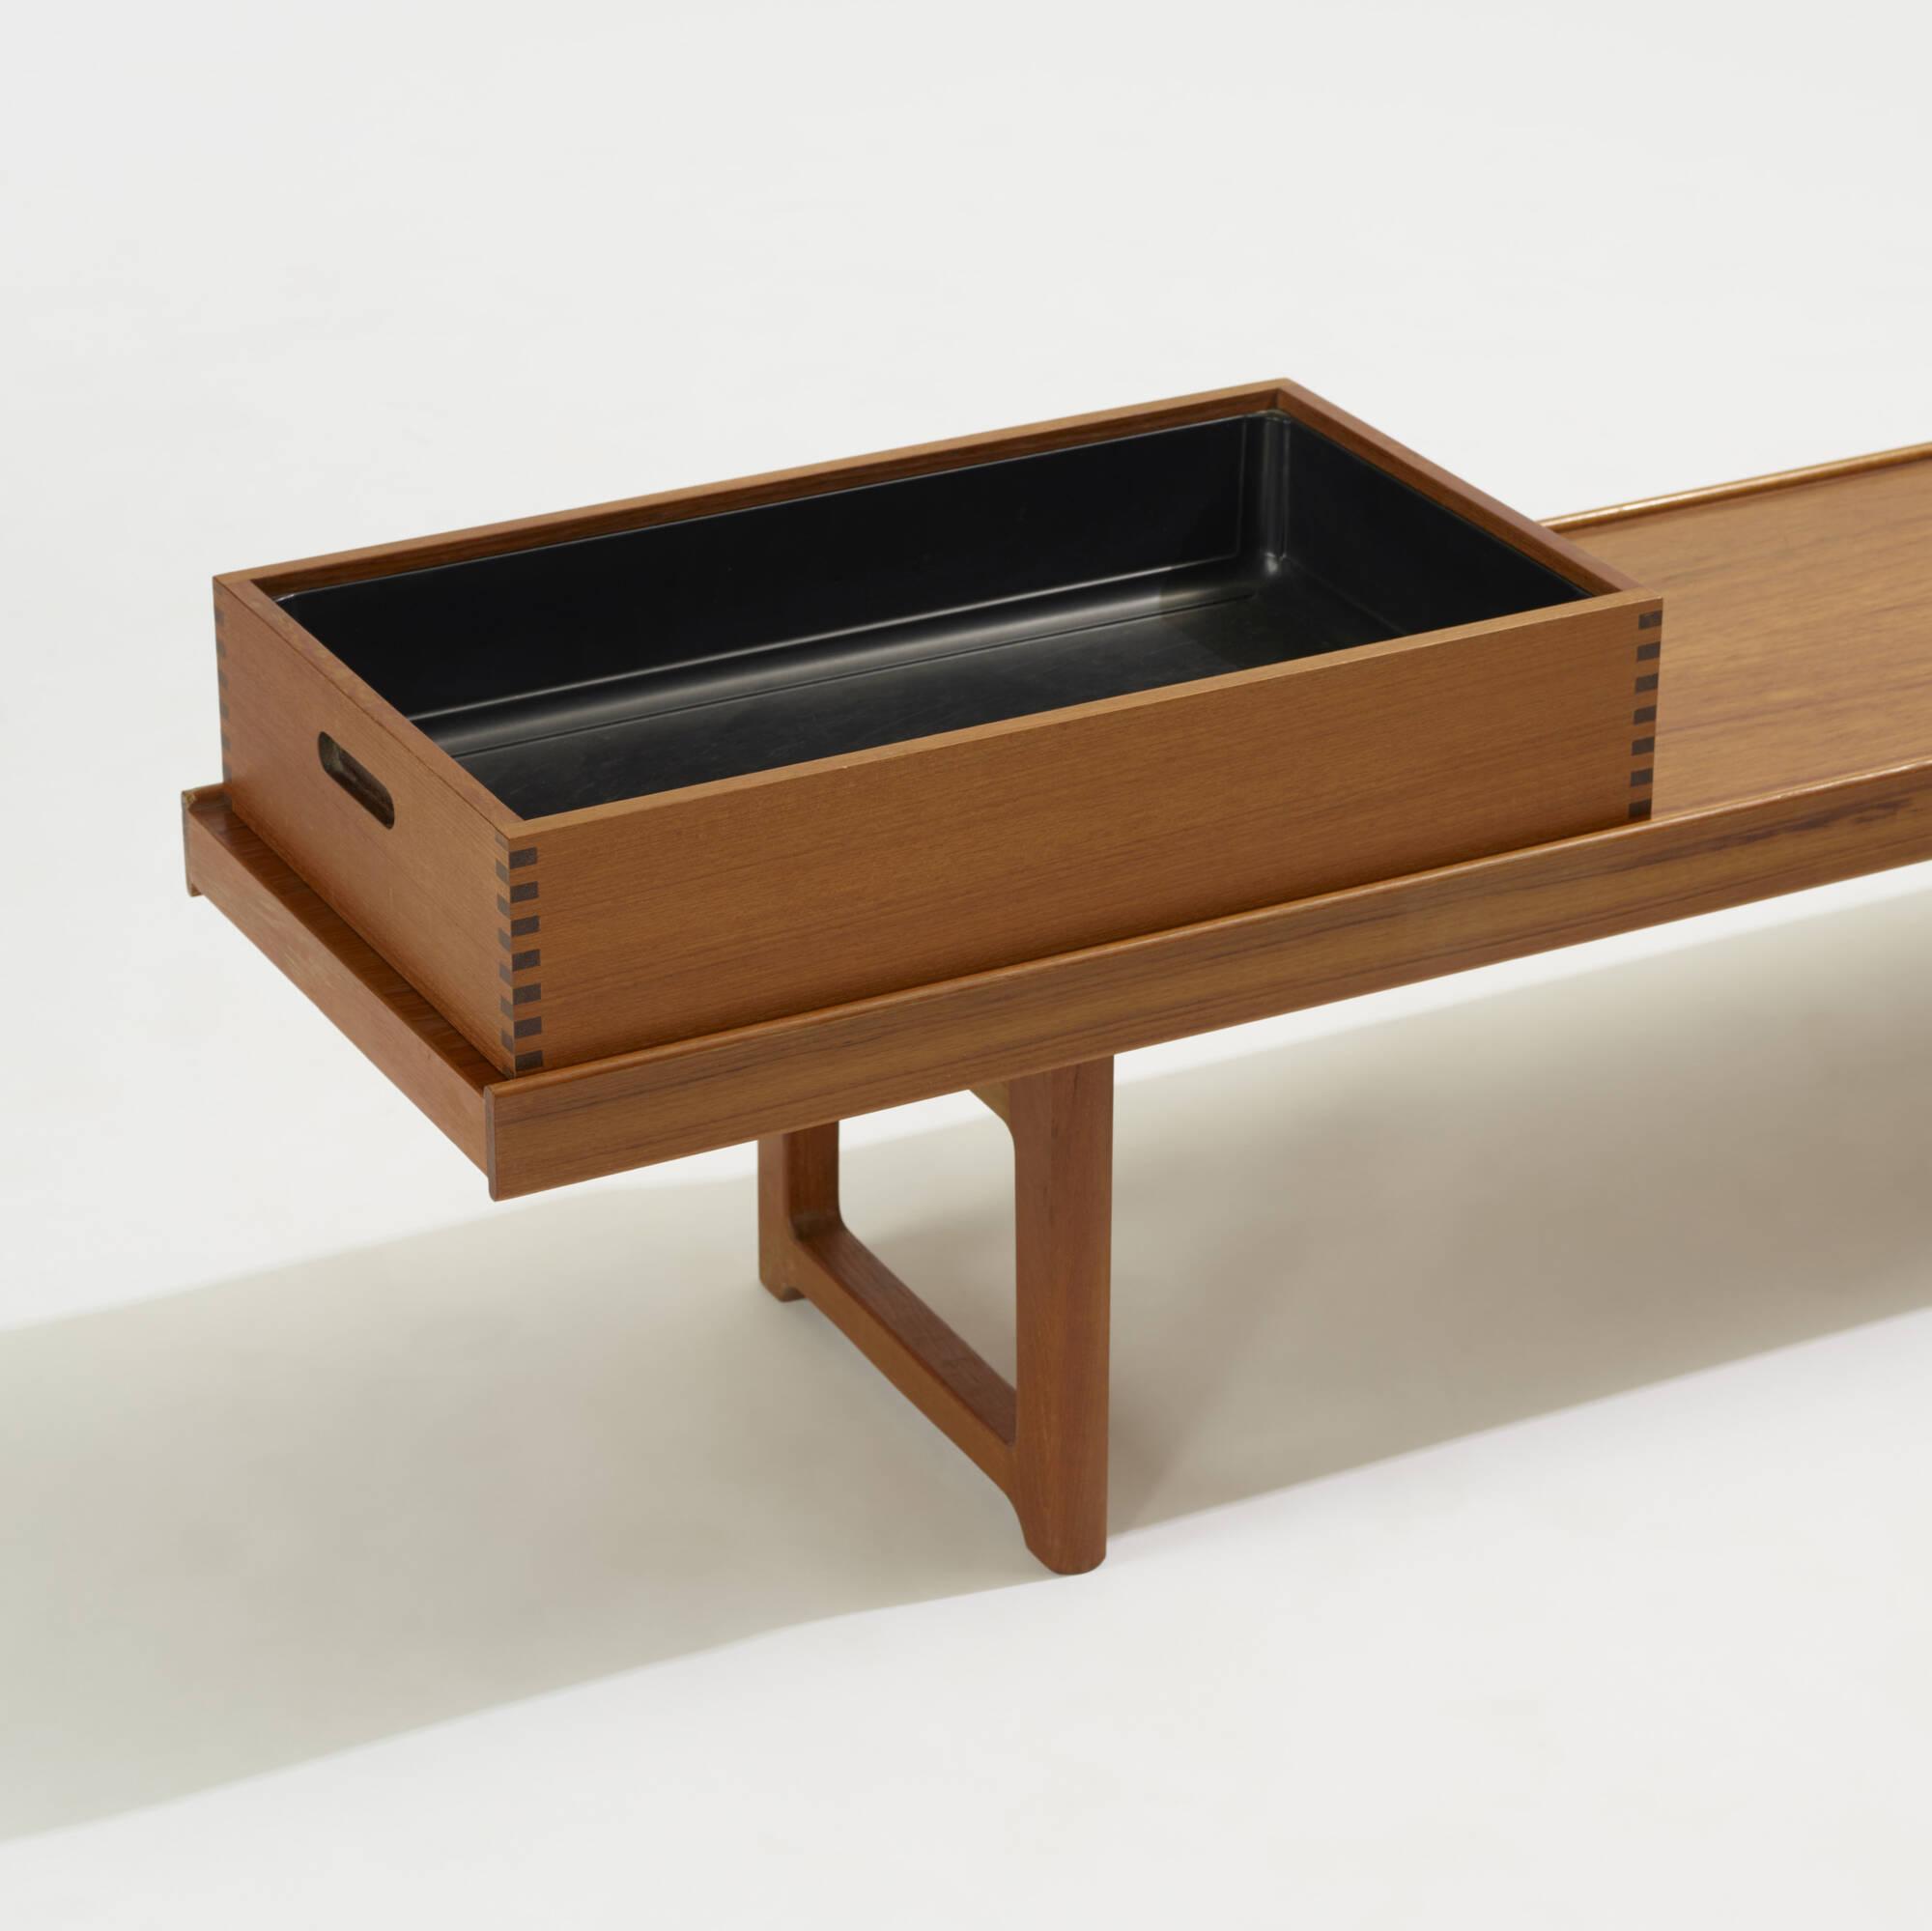 204: Torbjørn Afdal / Krobo bench and accessories (3 of 3)